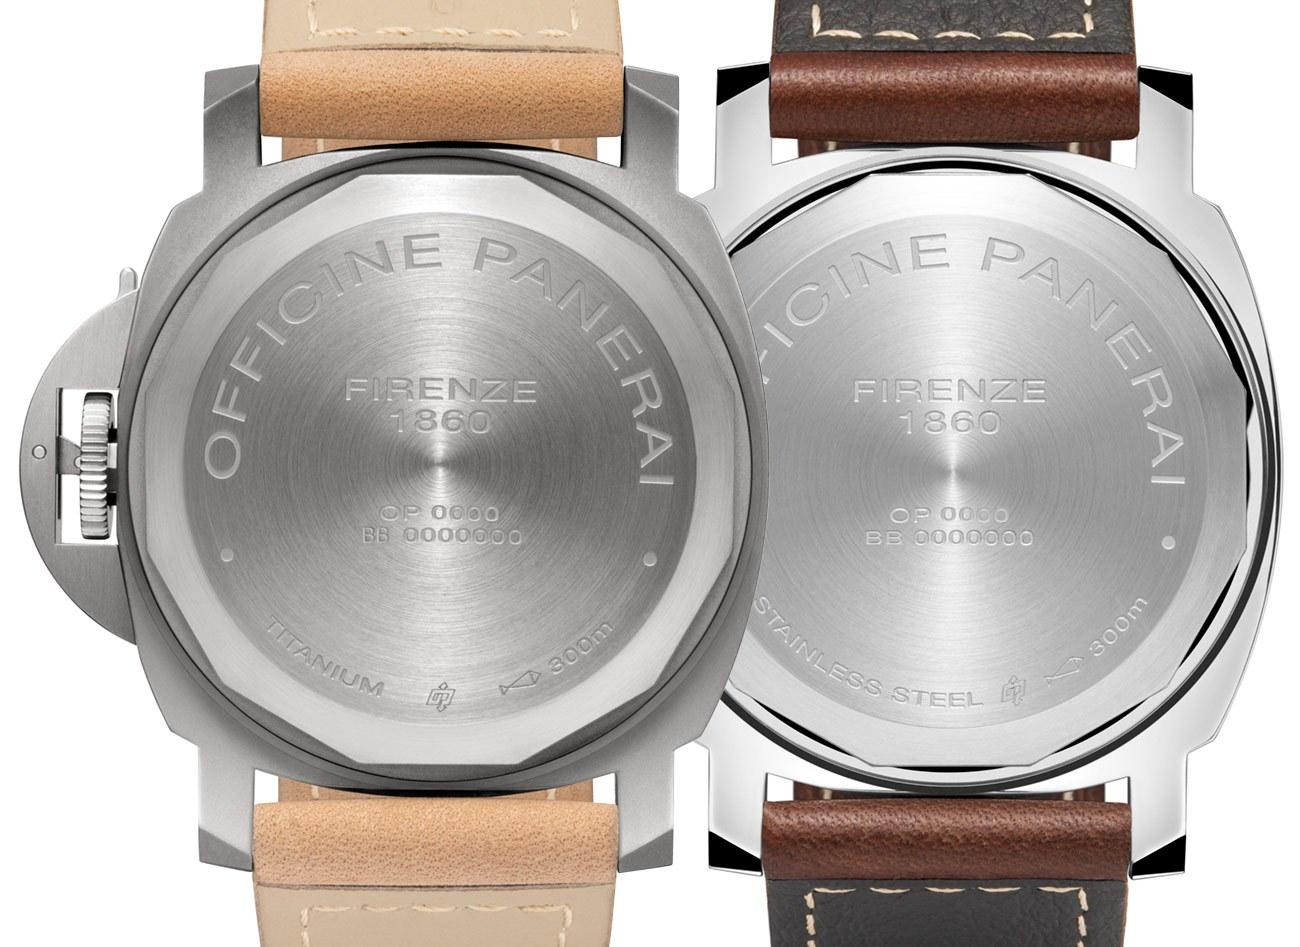 panerai-luminor-marina-8-days-power-reserve-watch-pam795-steel-pam797-titanium-7.jpg